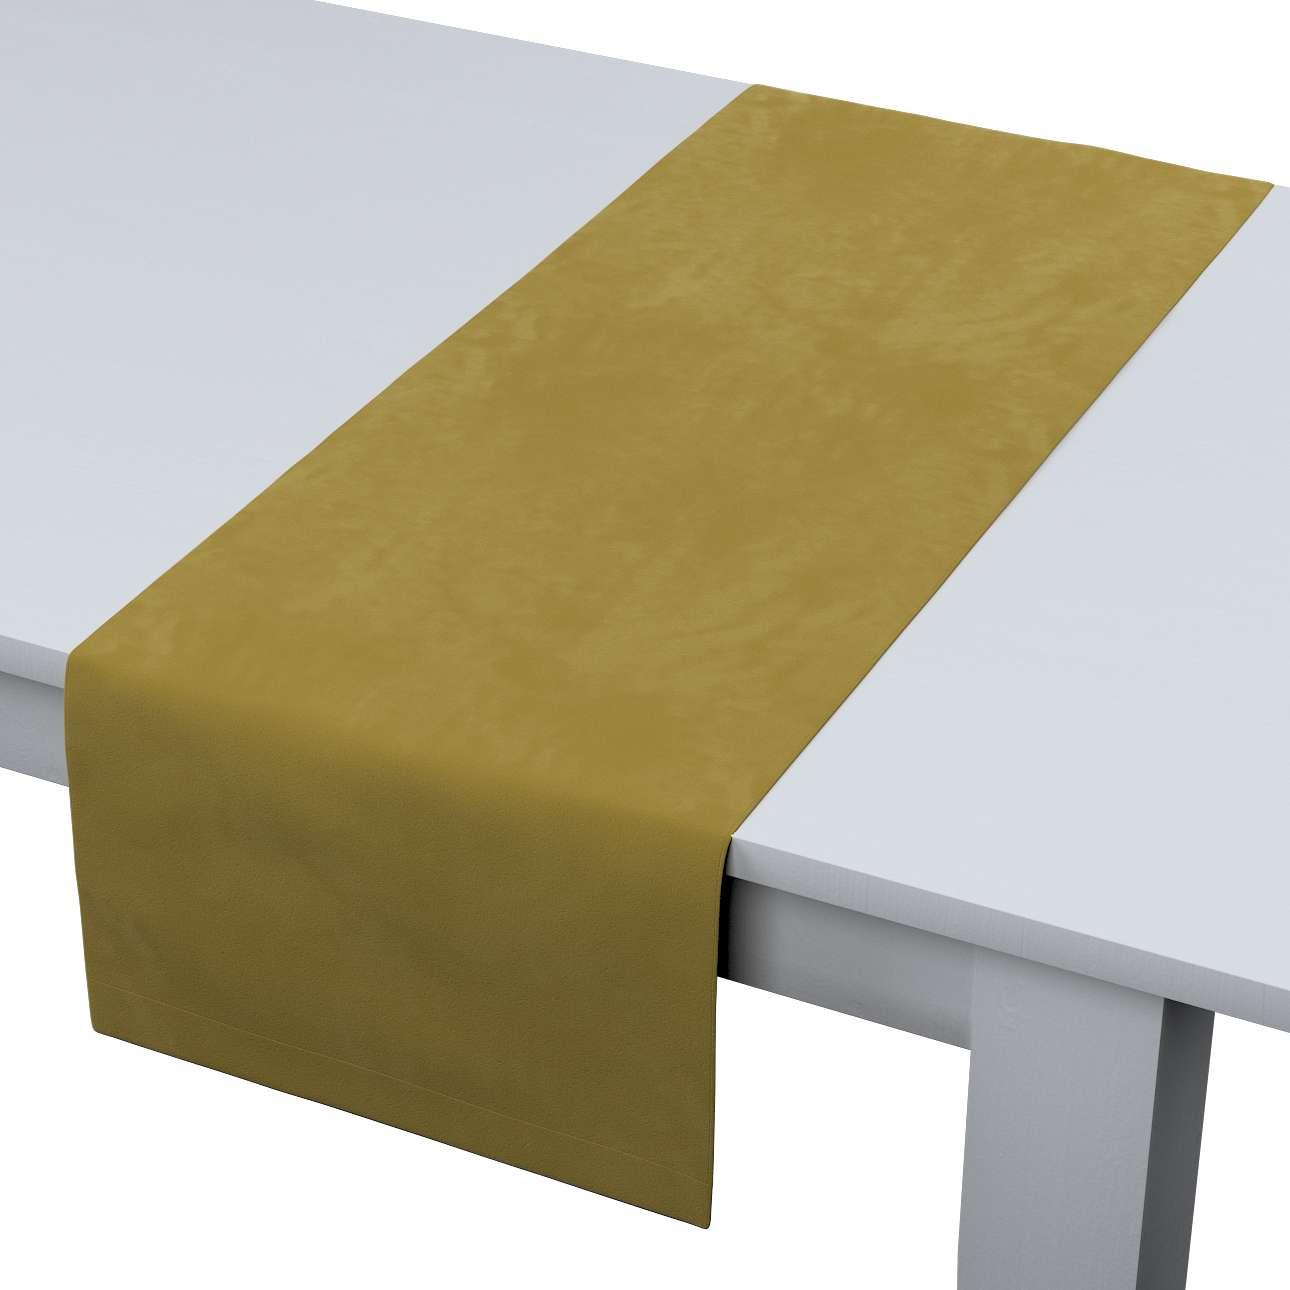 Bieżnik prostokątny w kolekcji Velvet, tkanina: 704-27